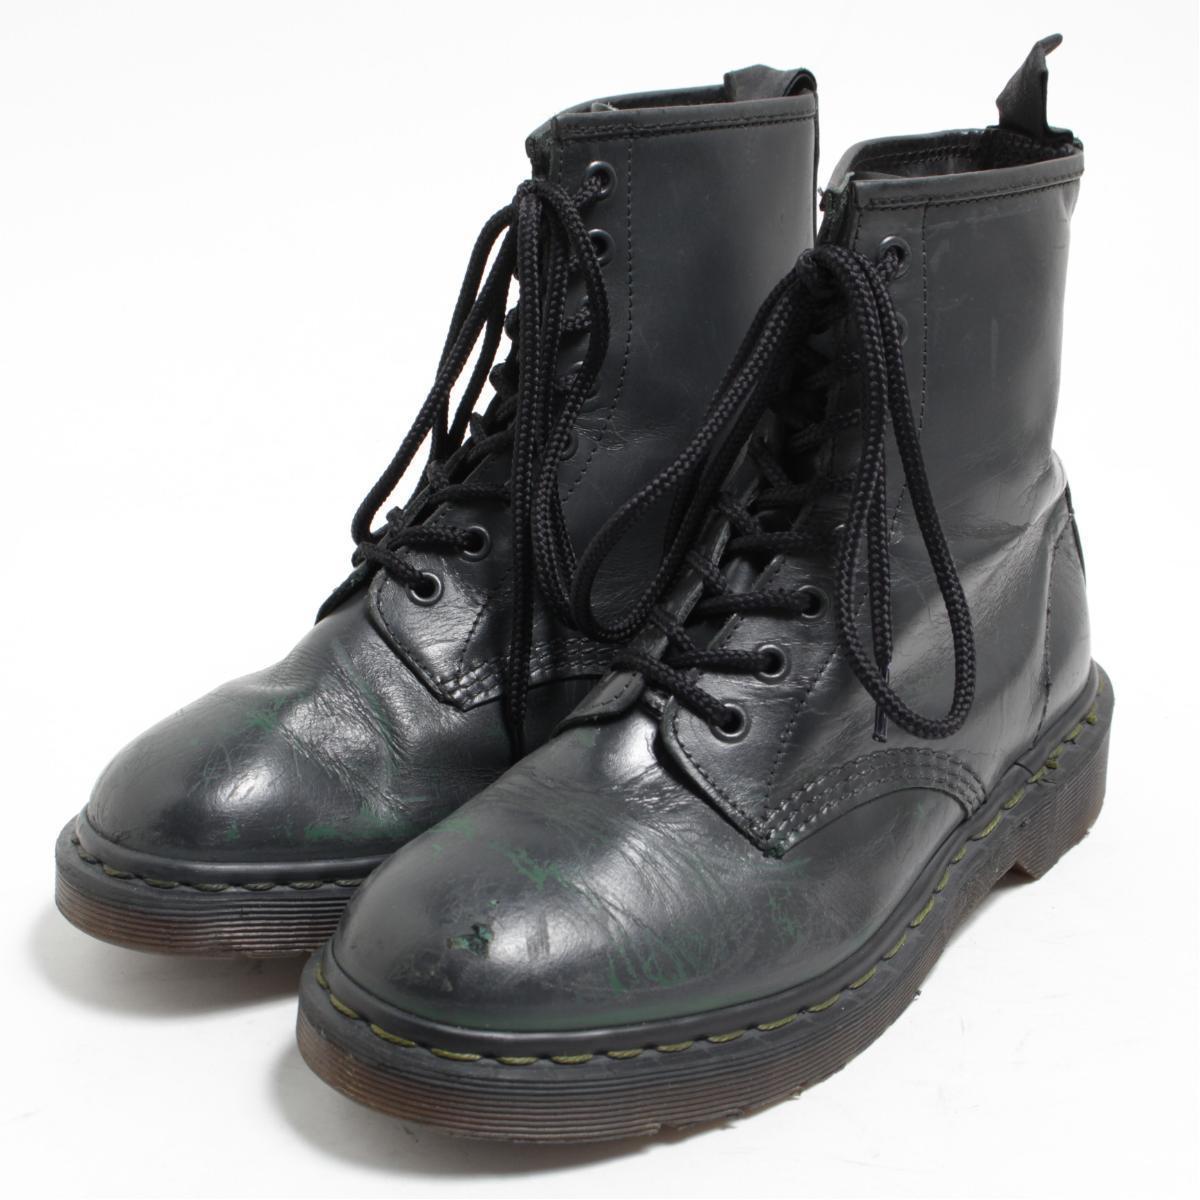 ドクターマーチン Dr.Martens 8ホールブーツ 英国製 UK5 レディース23.5cm /bol7129 【中古】 【180313】【SS2006】